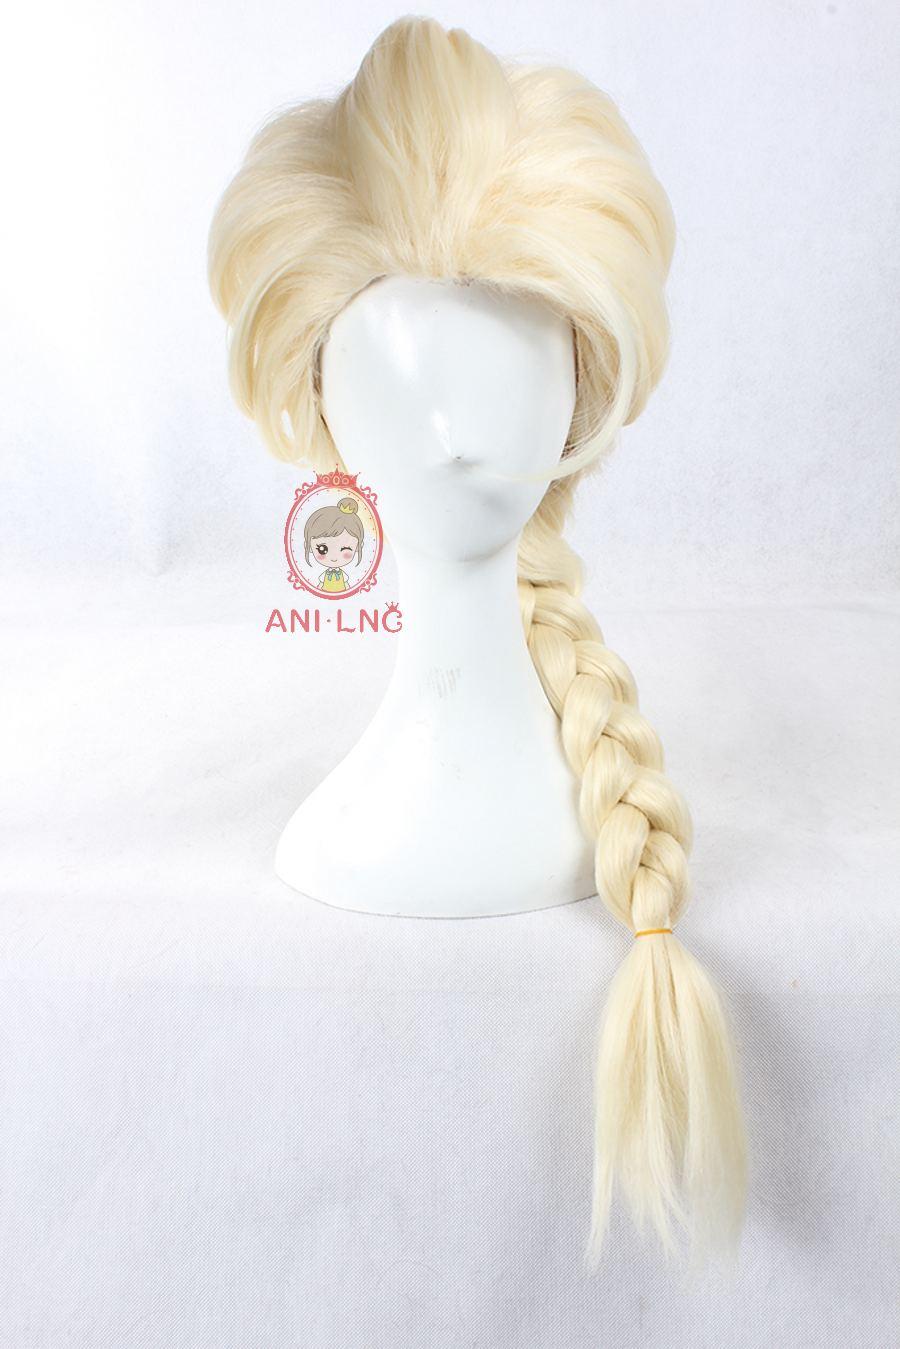 Image 2 - Anilnc Замороженные Принцесса Эльза Косплей парики длинные прямые светлые волосы парик для женщин